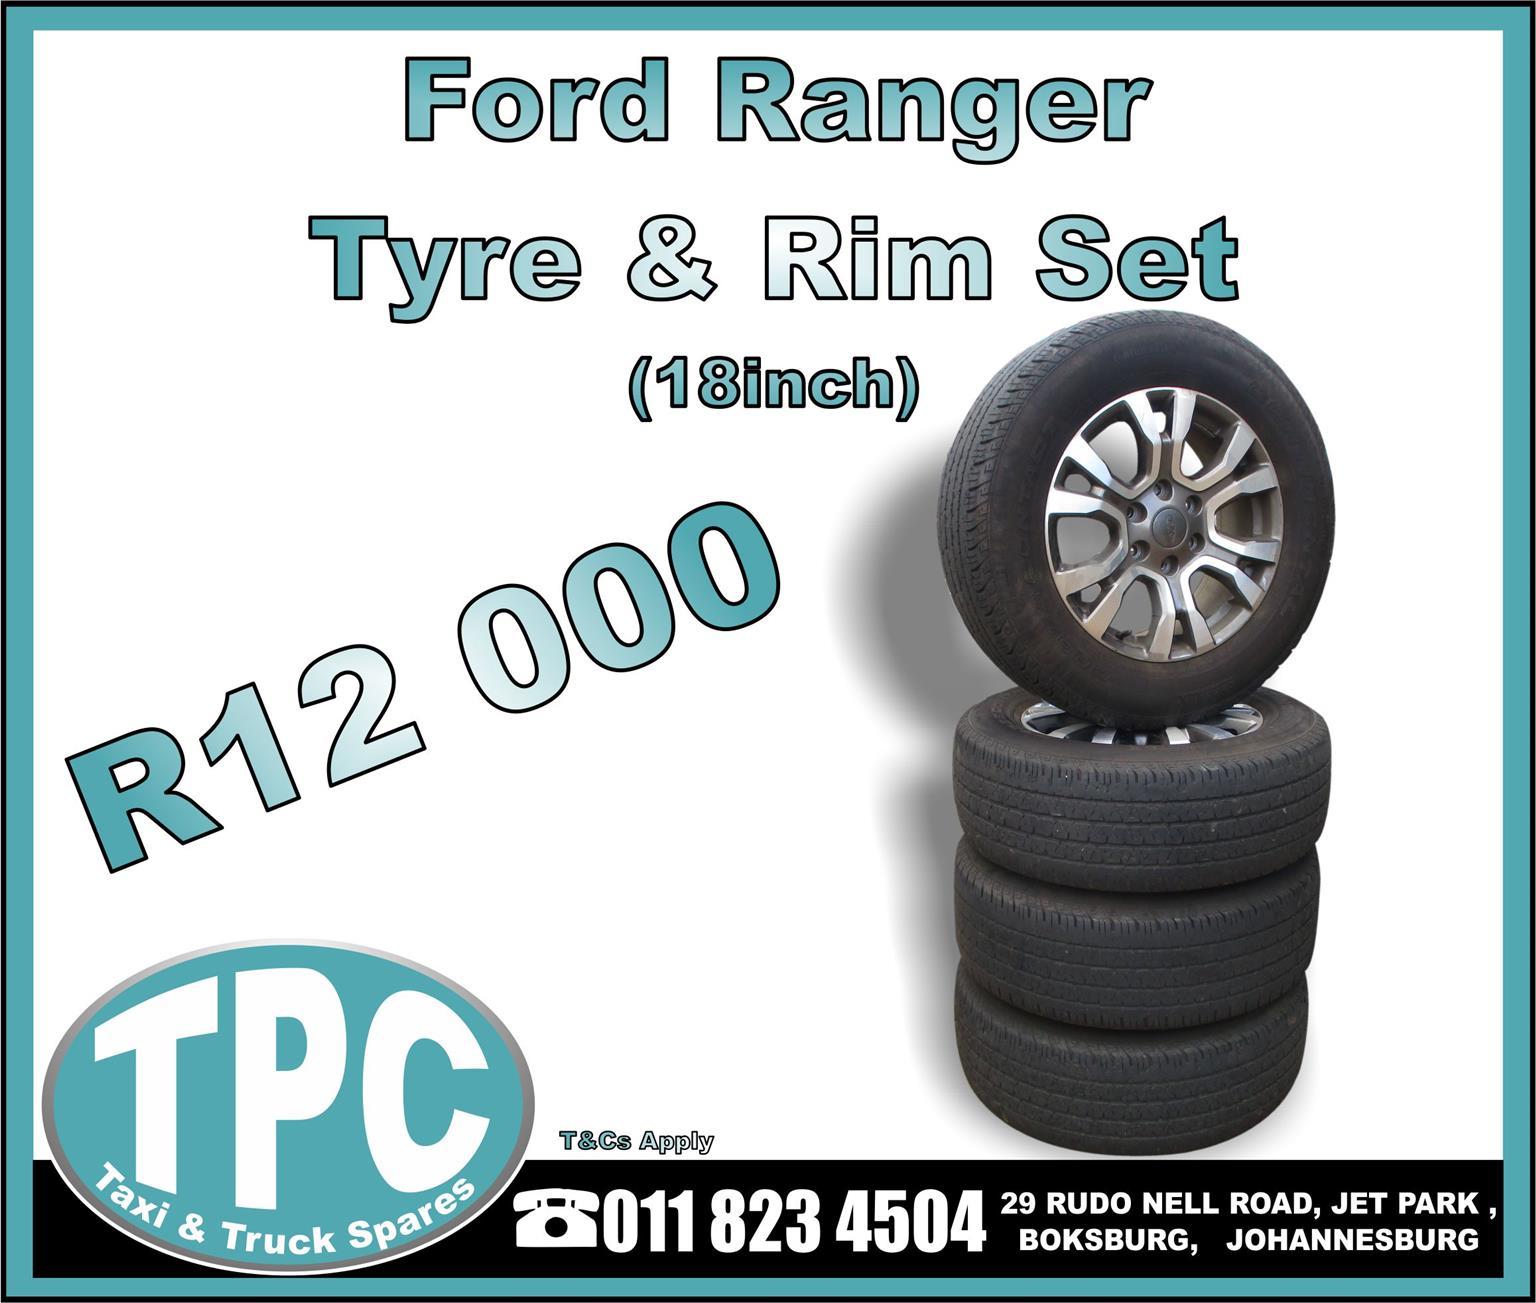 Ford Ranger Tyre & Rim Set 18 Inch - TPC